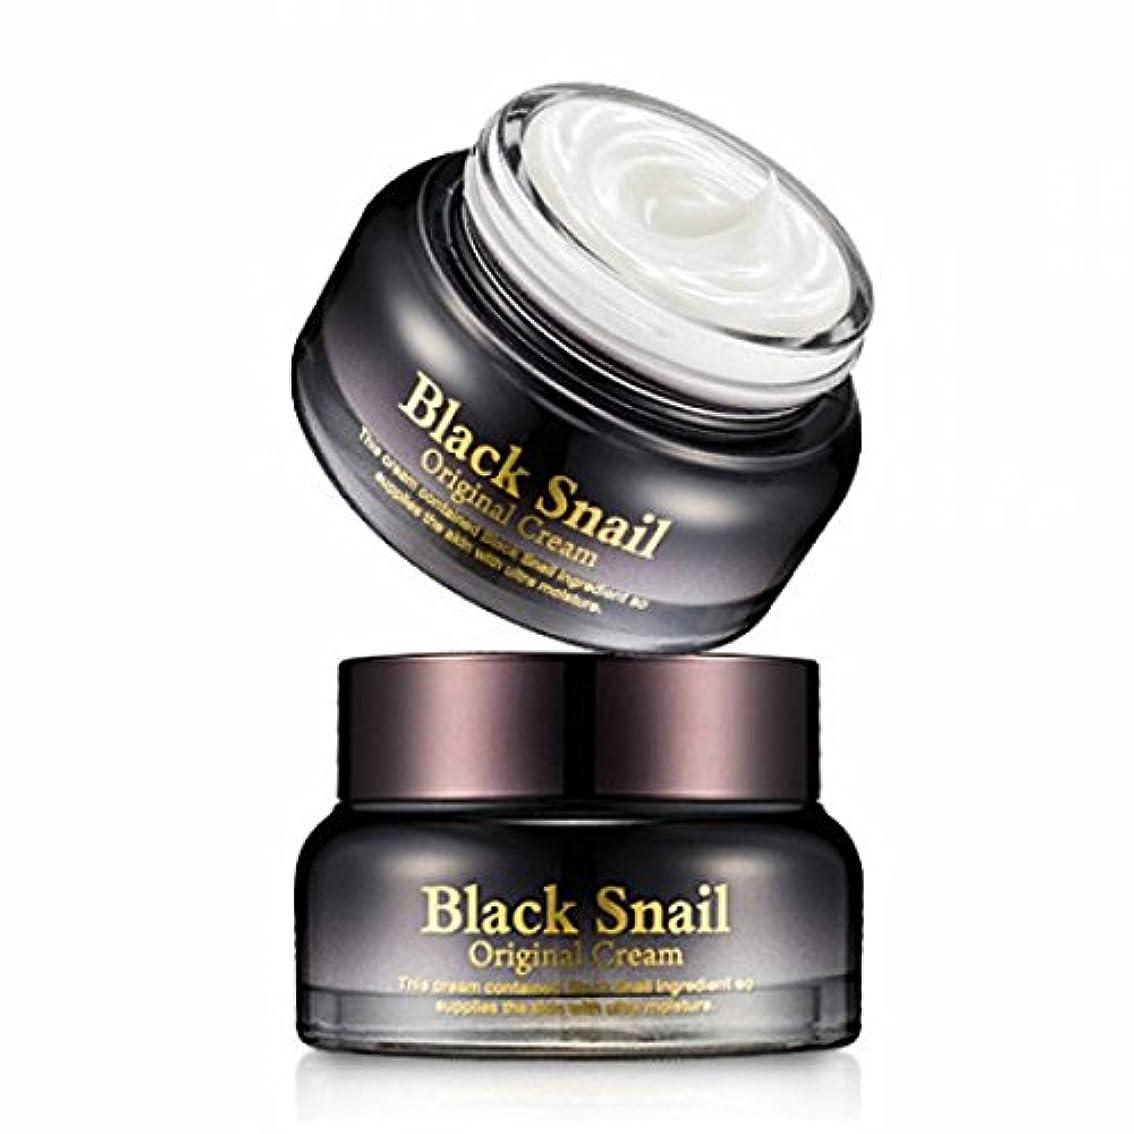 と遊ぶ未満勇敢なシークレットキー [韓国コスメ Secret Key] ブラックスネイル オリジナルクリーム Secret Key Black Snail Original Cream [並行輸入品]